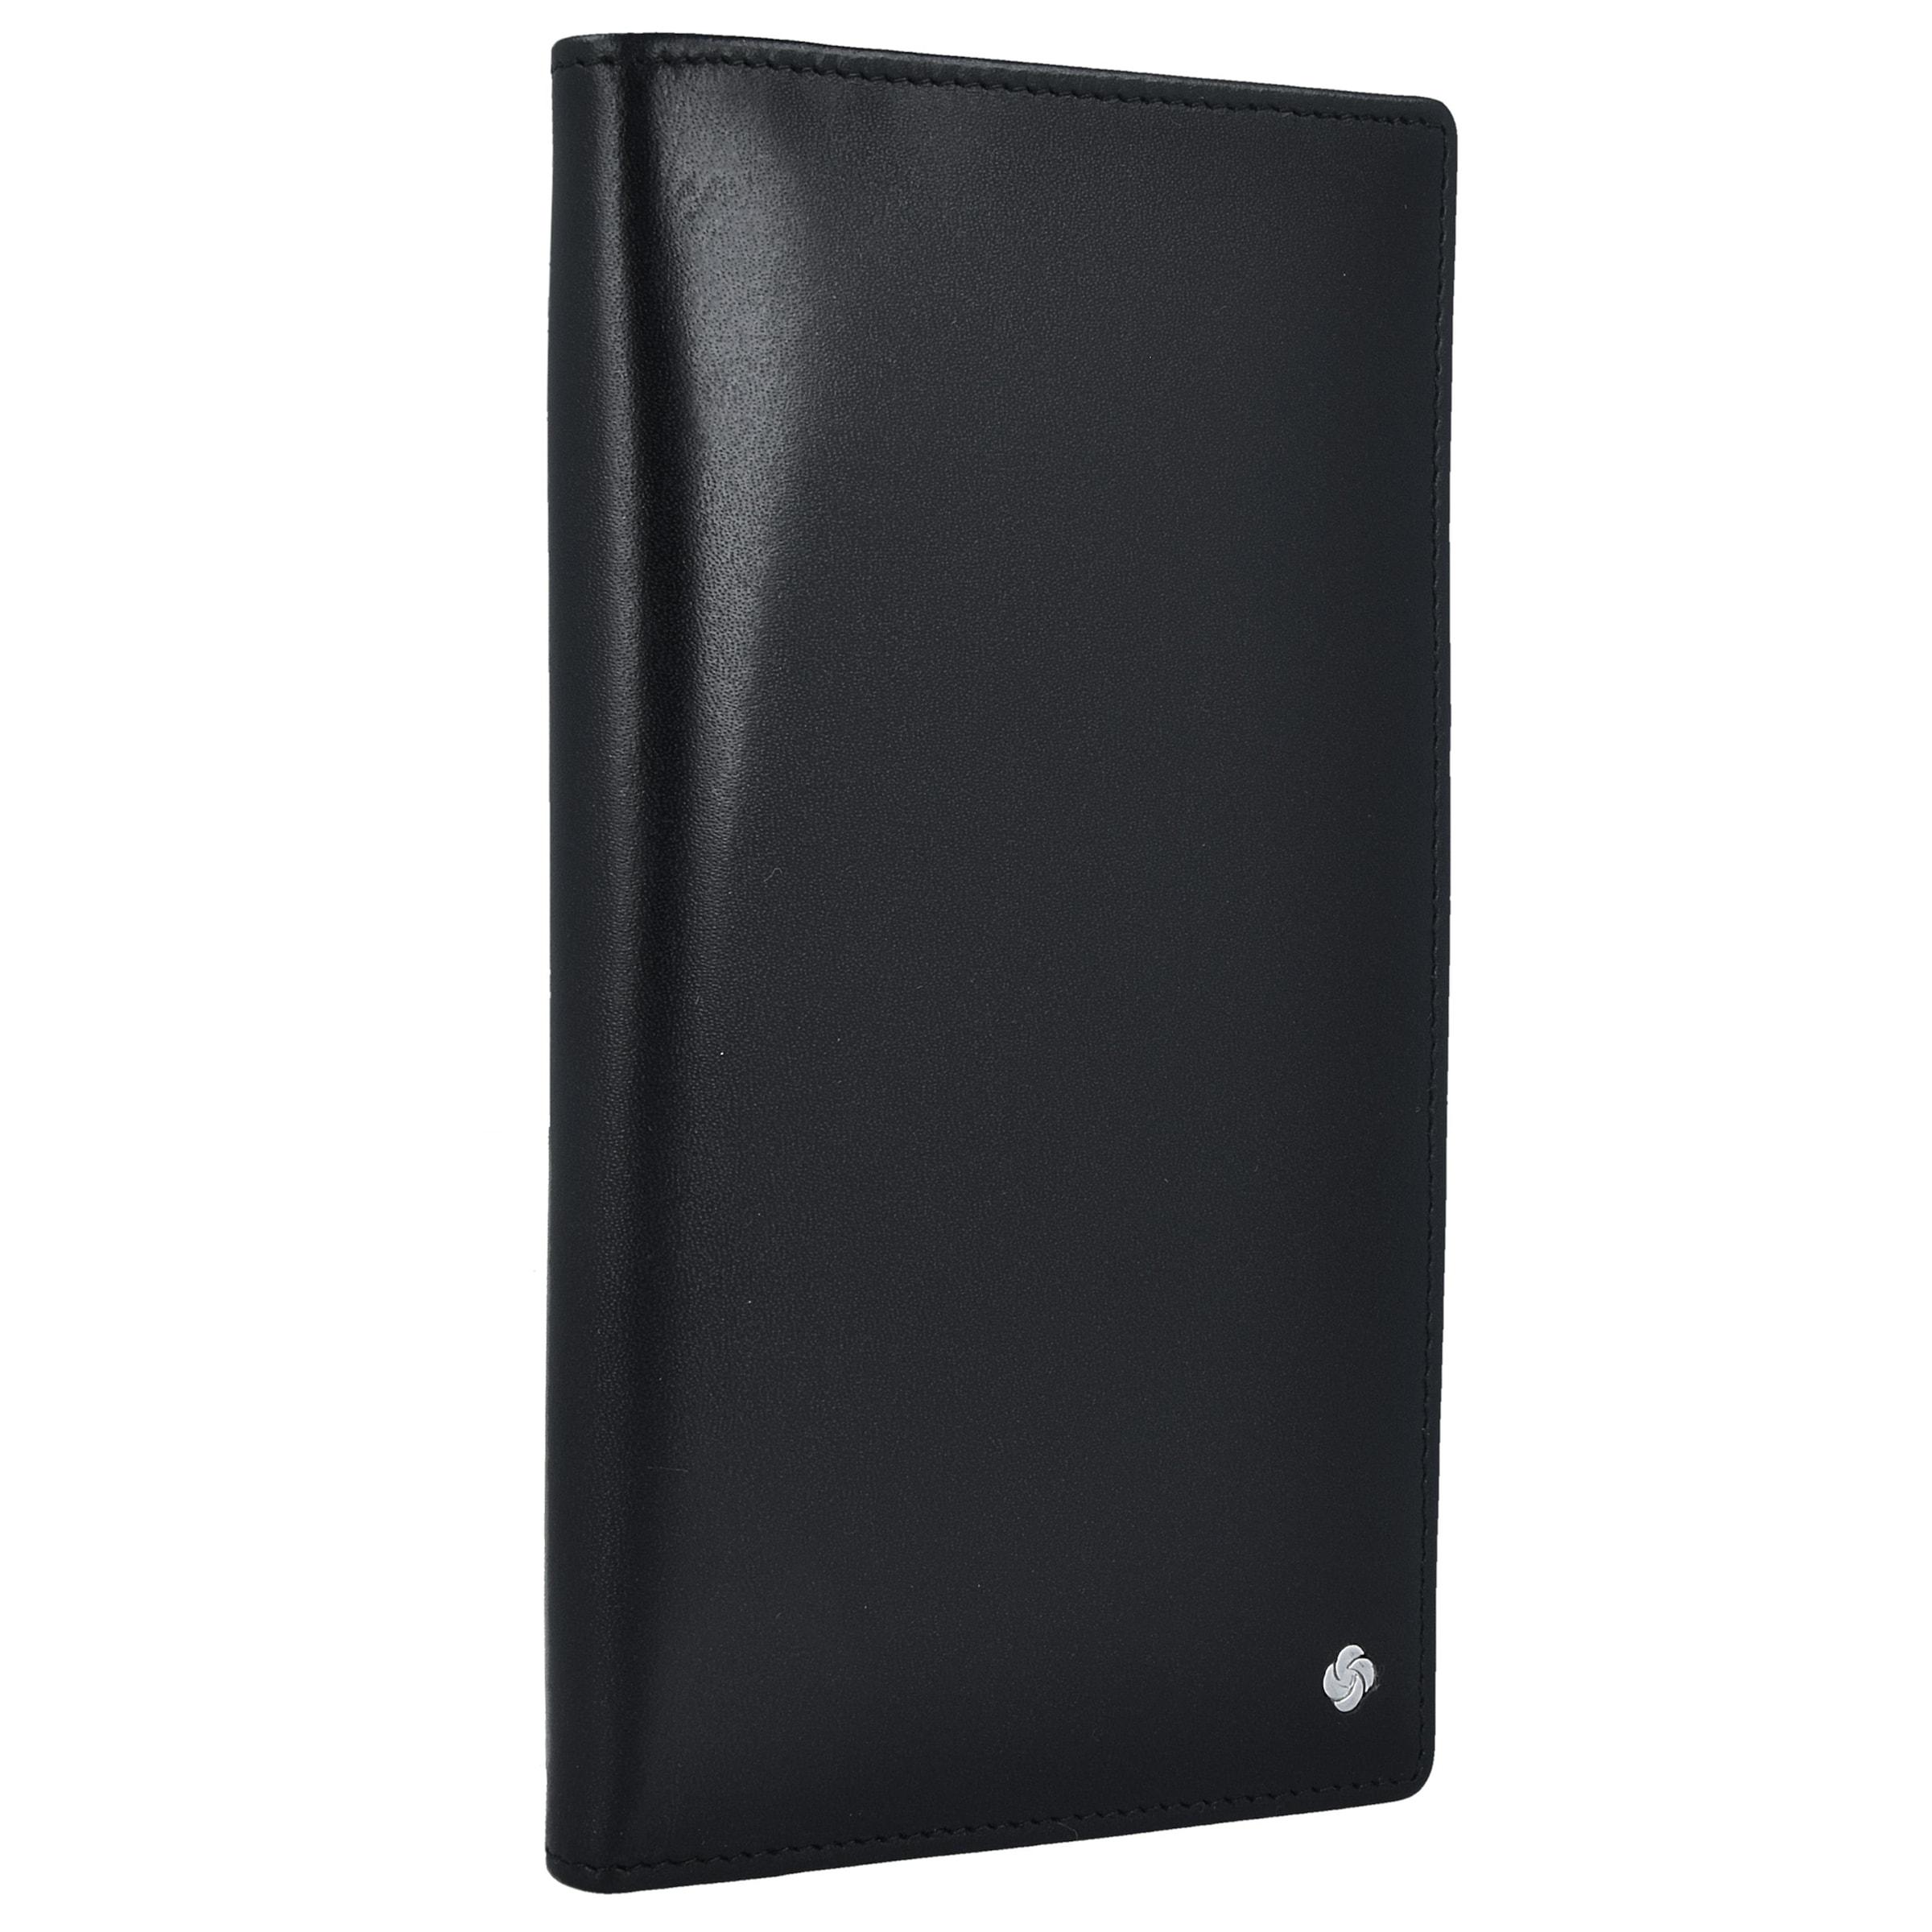 Großer Verkauf Günstiger Preis SAMSONITE Classic Xln SLG Geldbörse RFID Leder 10 cm Rabatt Erwerben T67wMdtmCt